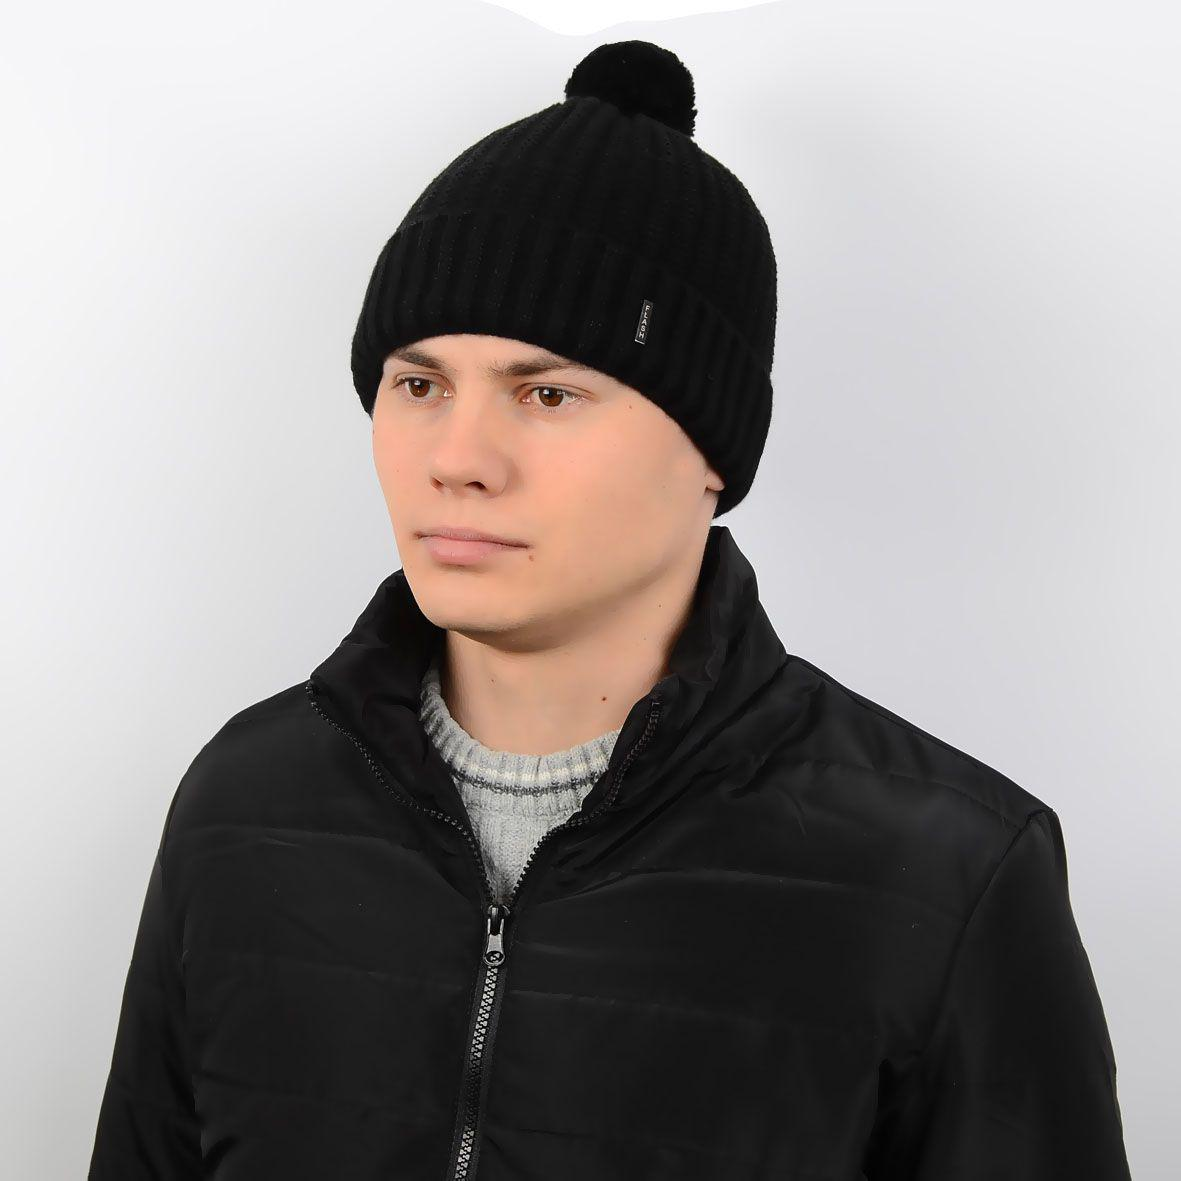 стильная мужская вязаная шапка с ниточным помпоном на флисе Sb17007